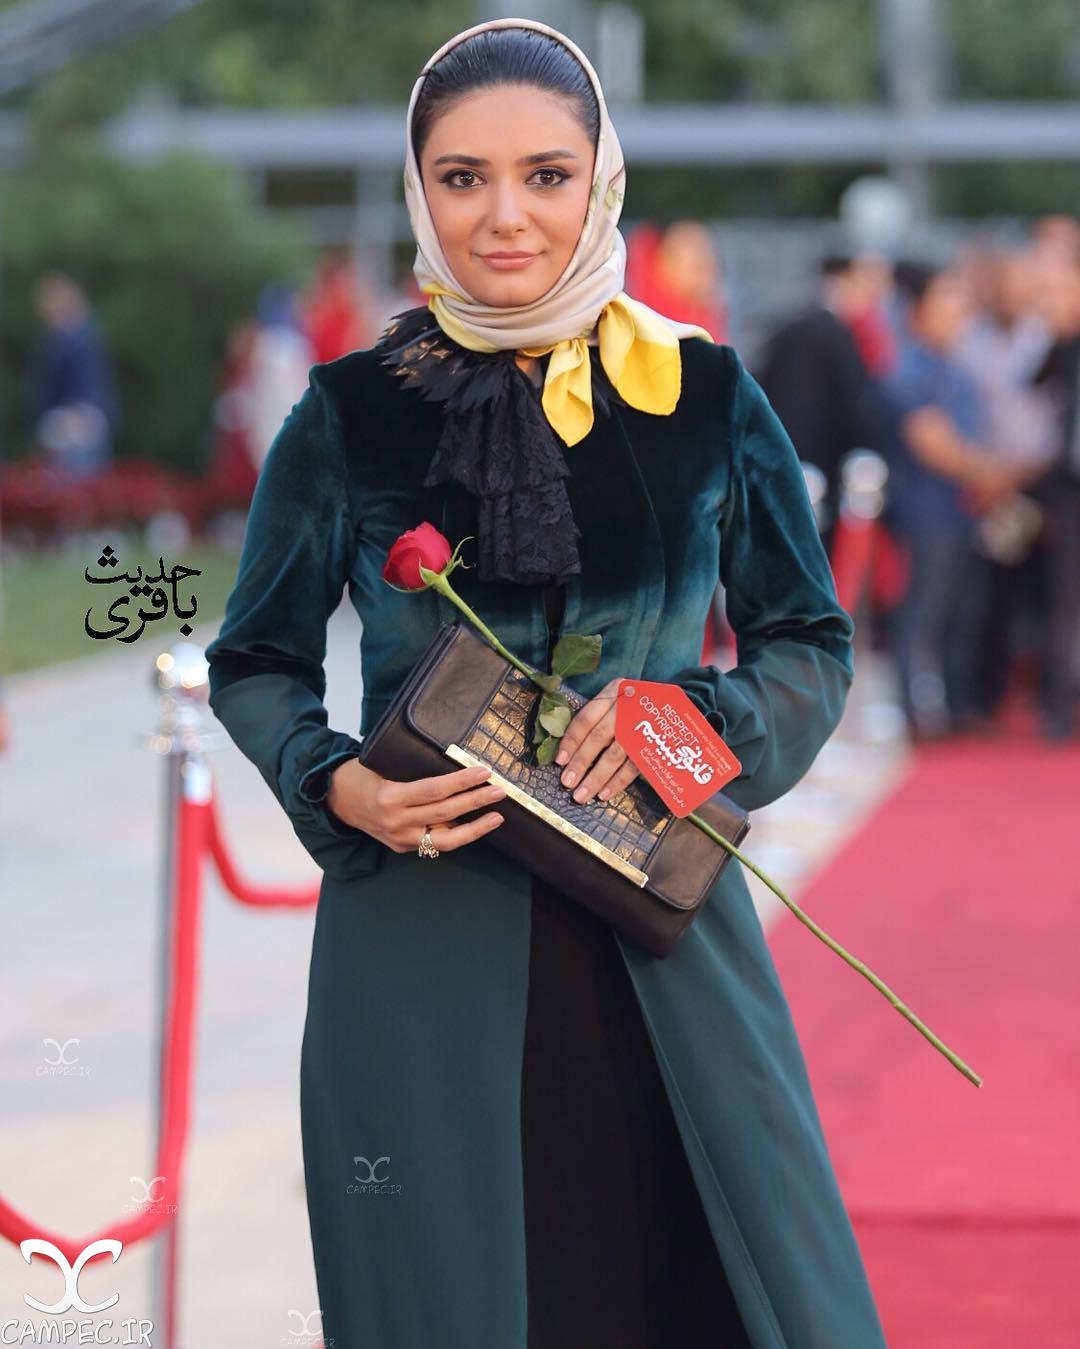 لیندا کیانی در جشن حافظ